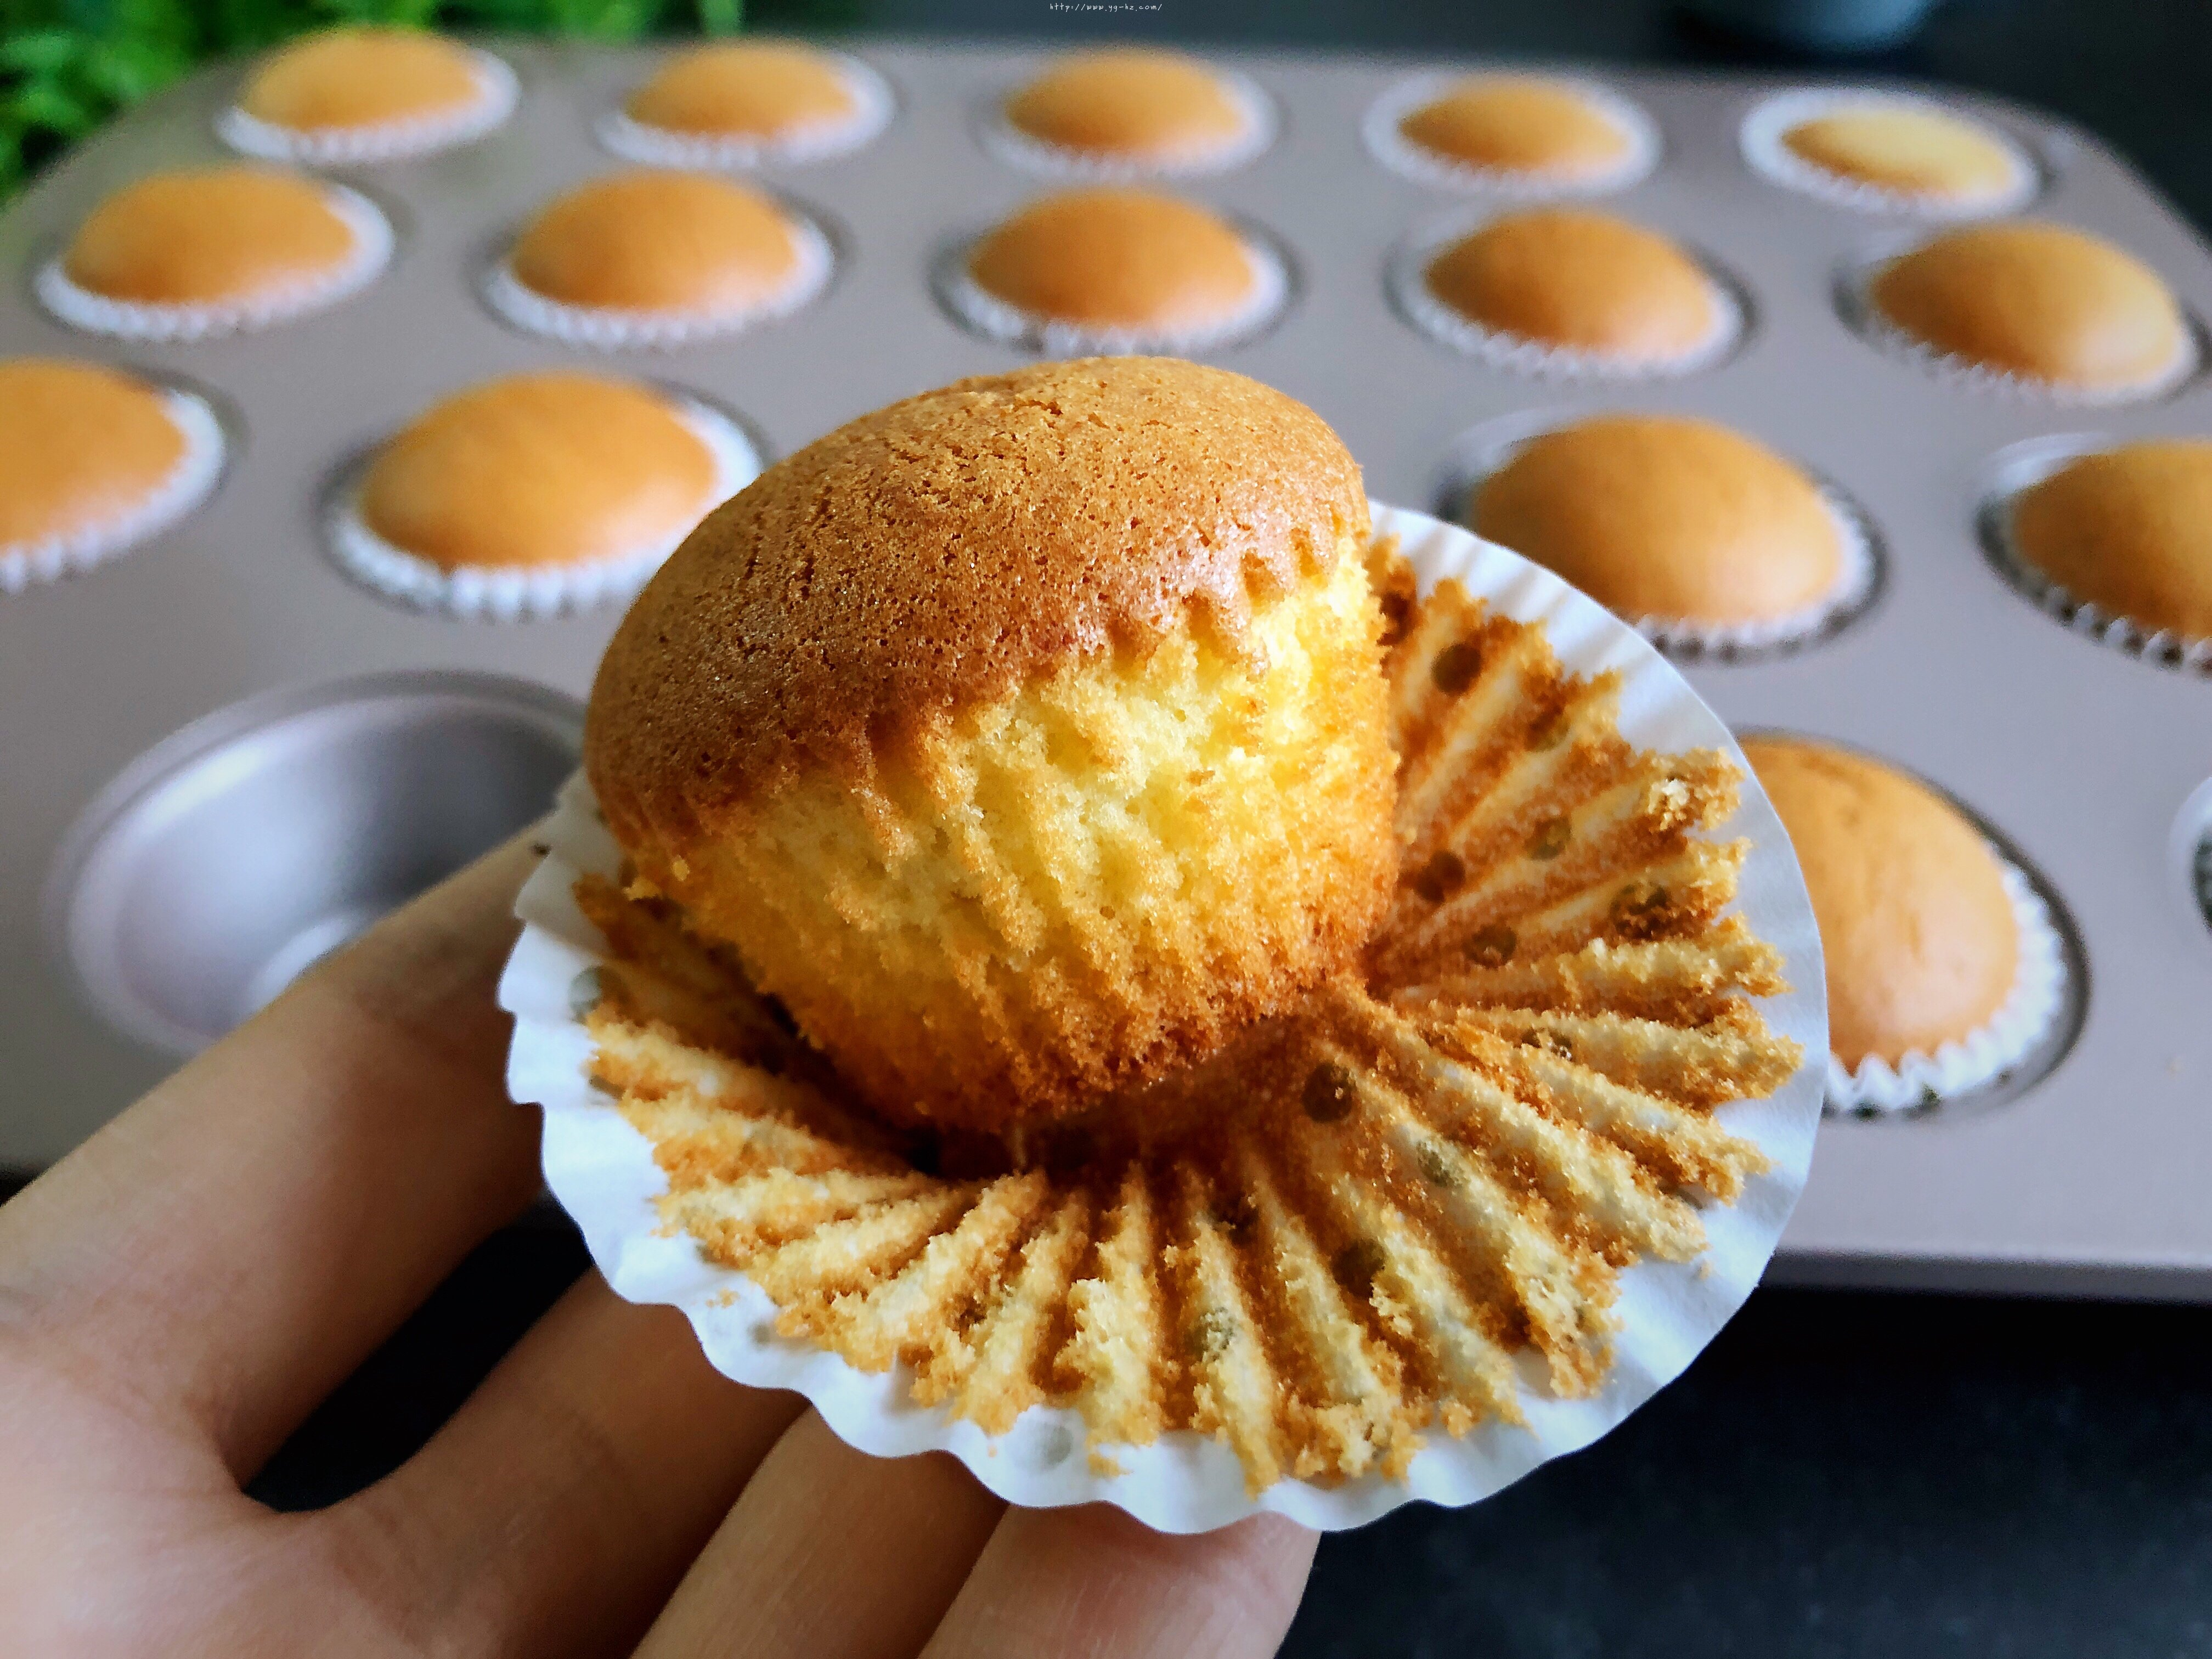 老式无水小蛋糕不塌的秘诀,此配方蓬松暄软甜度适中,成功率高的做法 步骤10